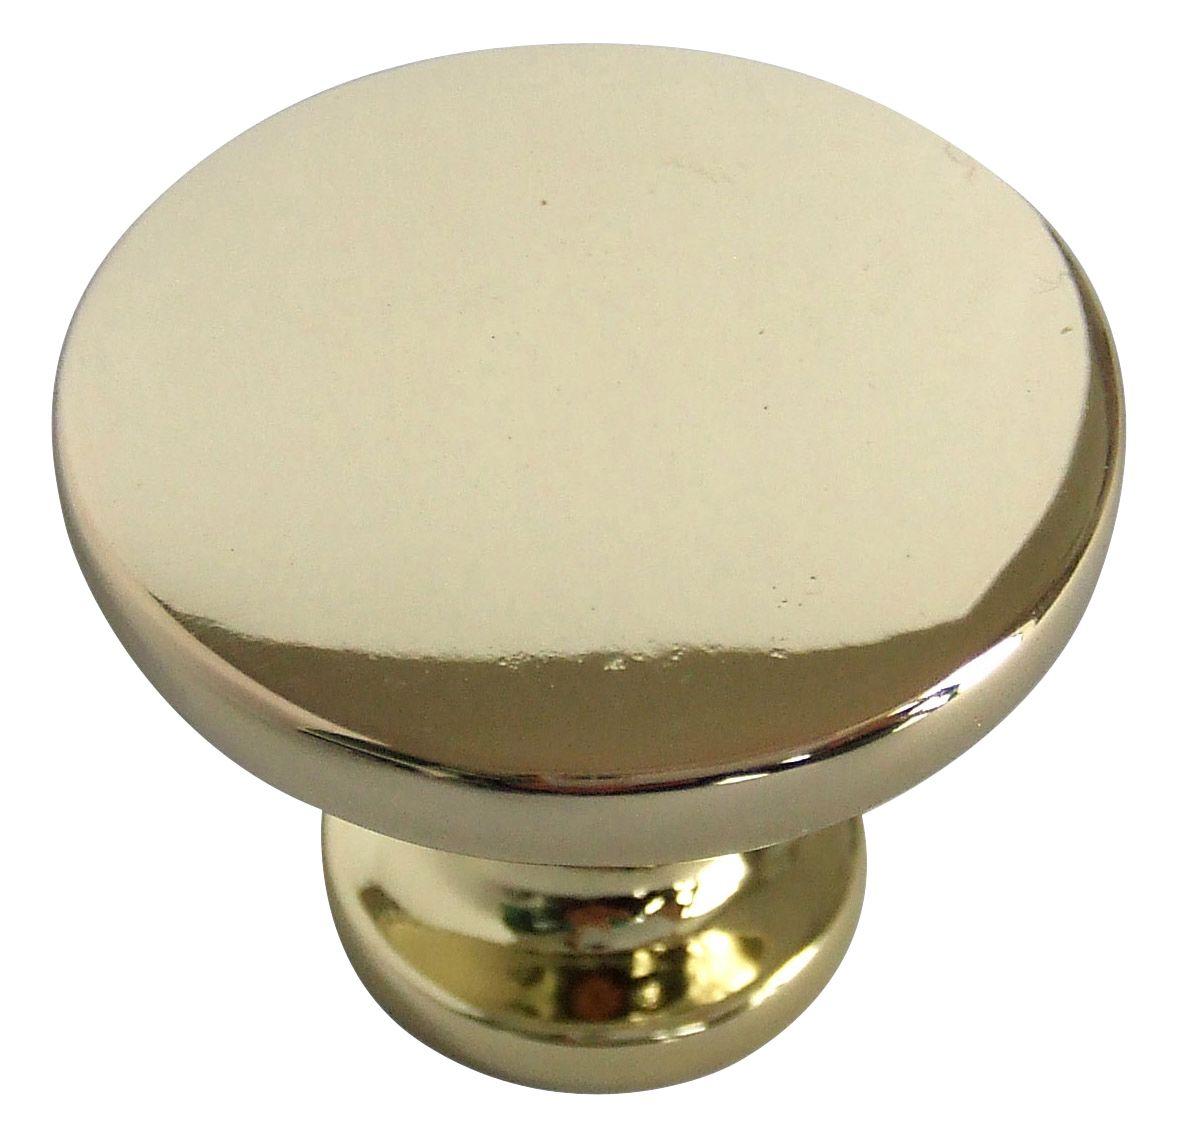 b&q door knobs photo - 8